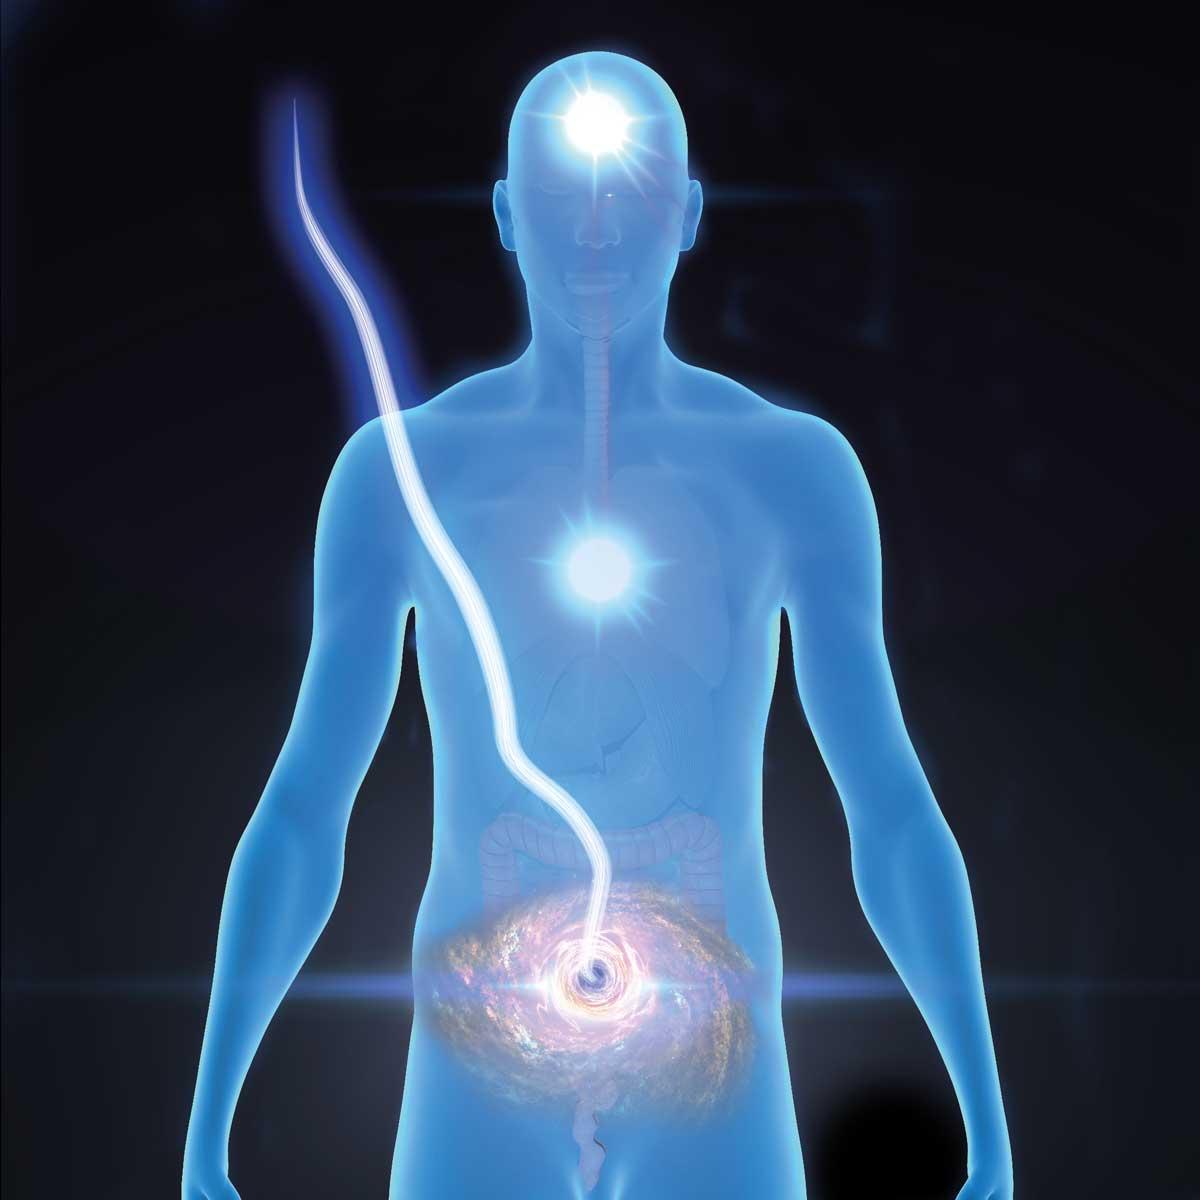 Bauchgehirn und Nabelschnur